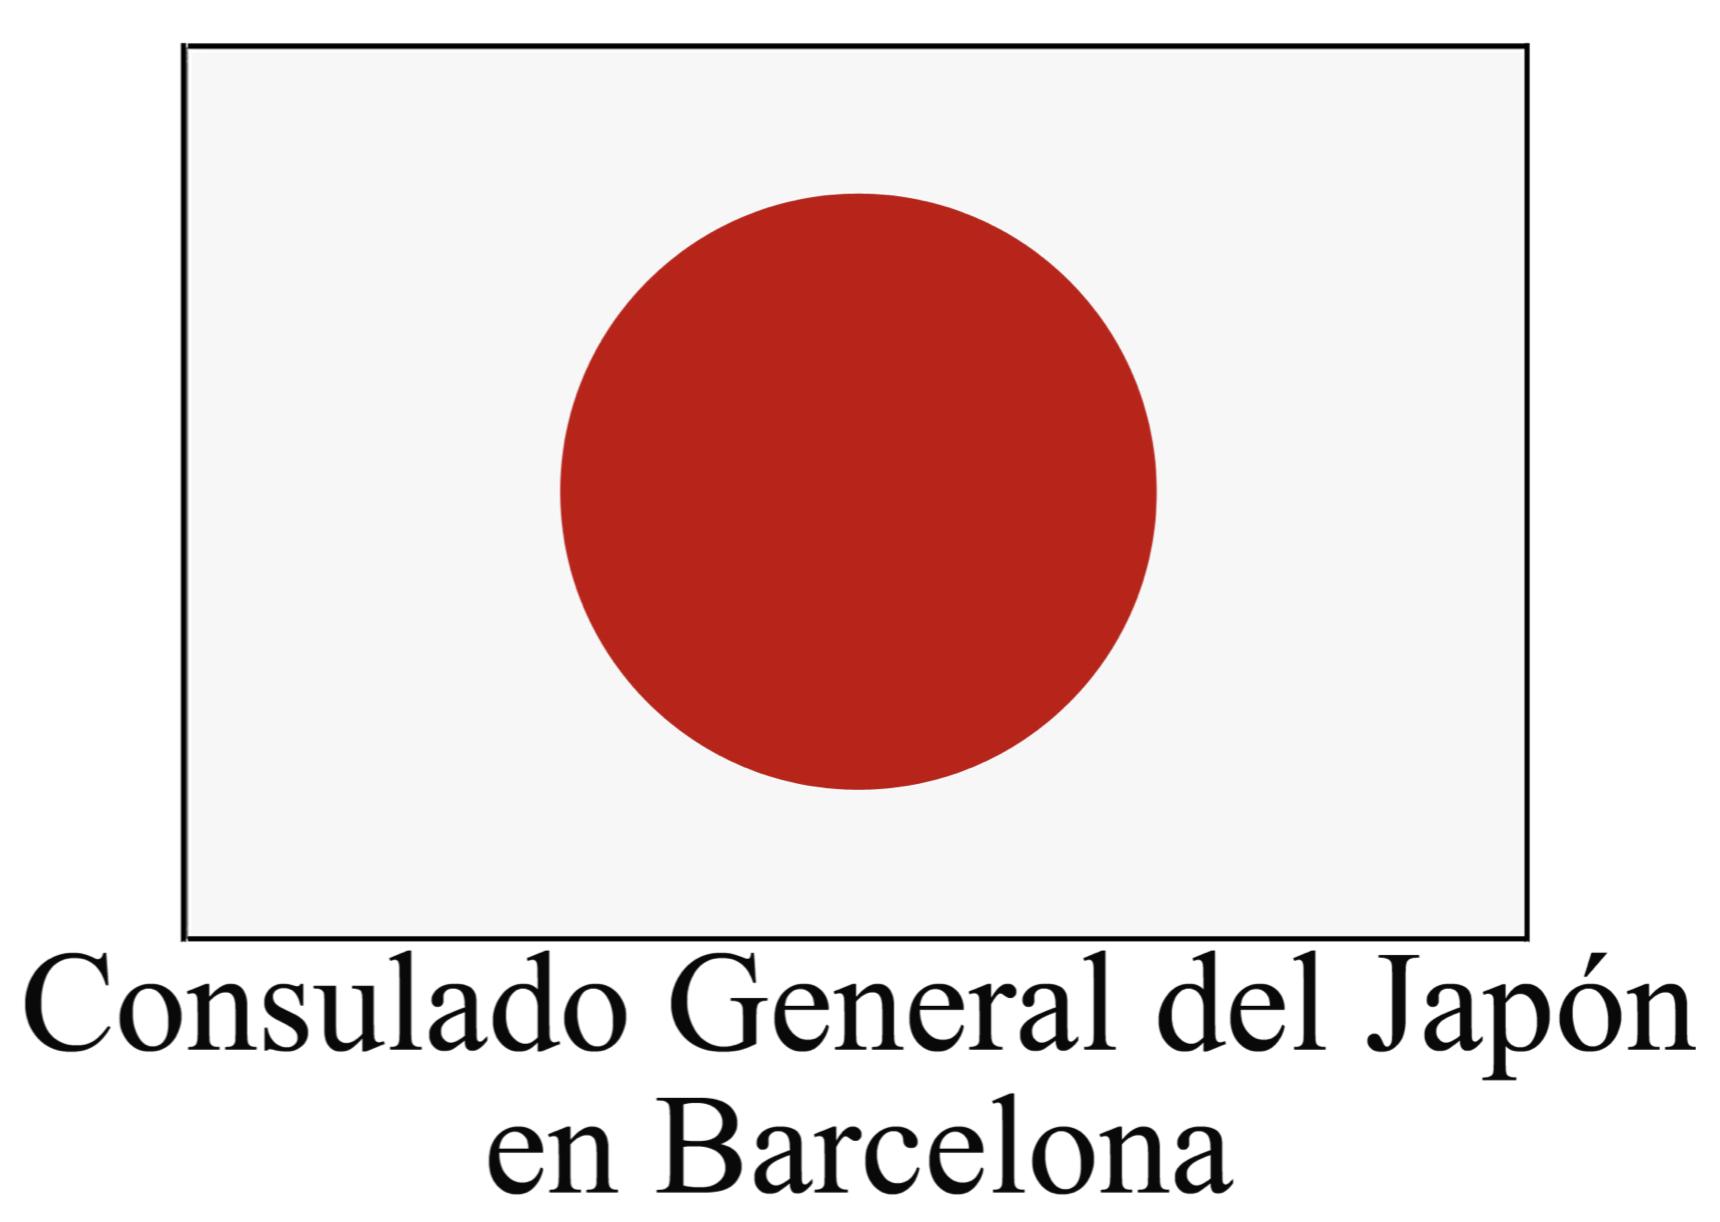 Consulado General de Japón en Barcelona